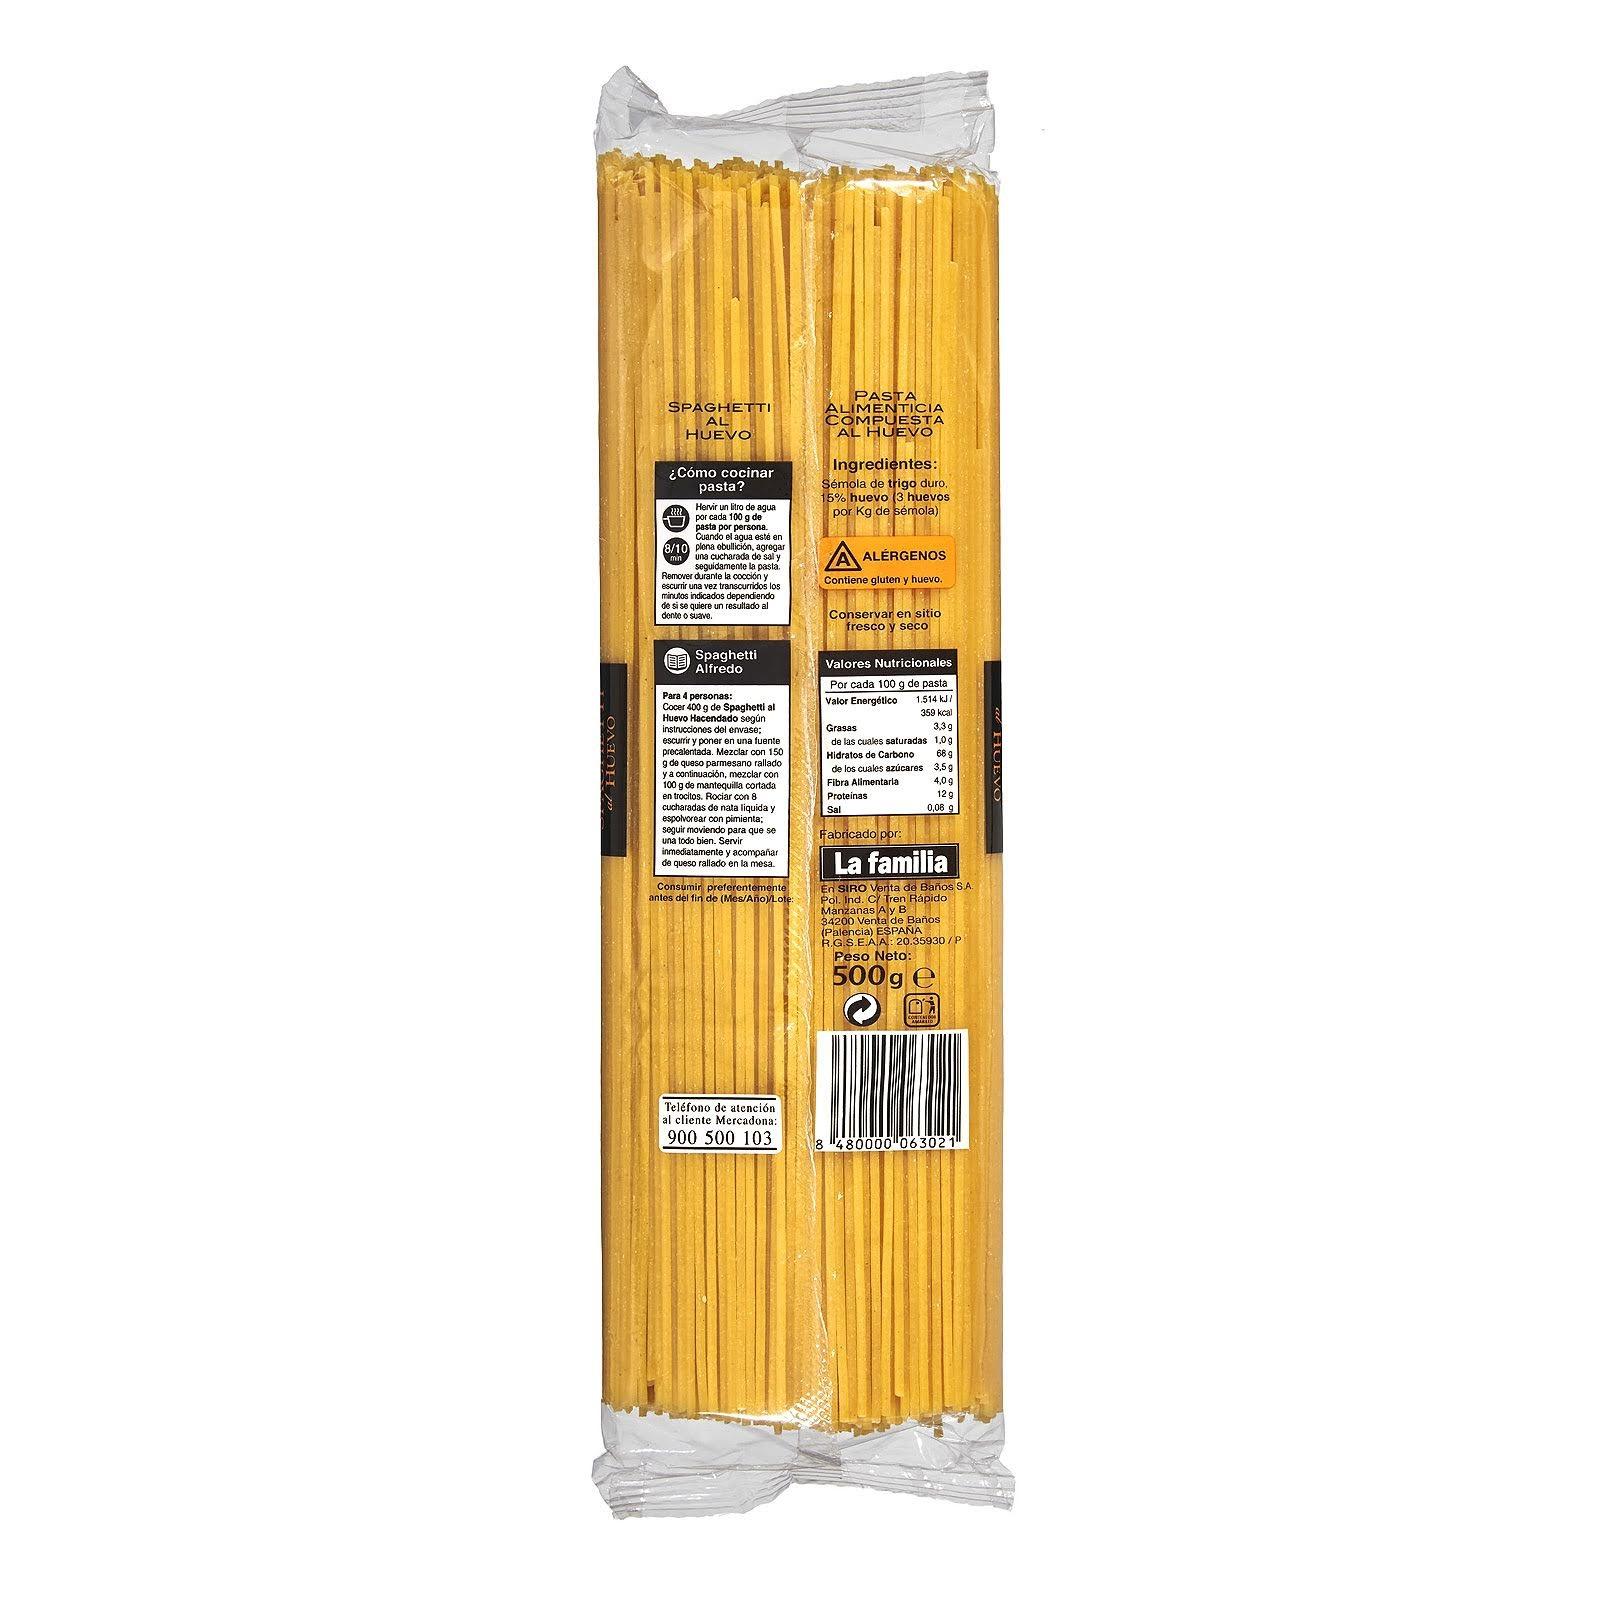 Spaghetti al huevo Hacendado